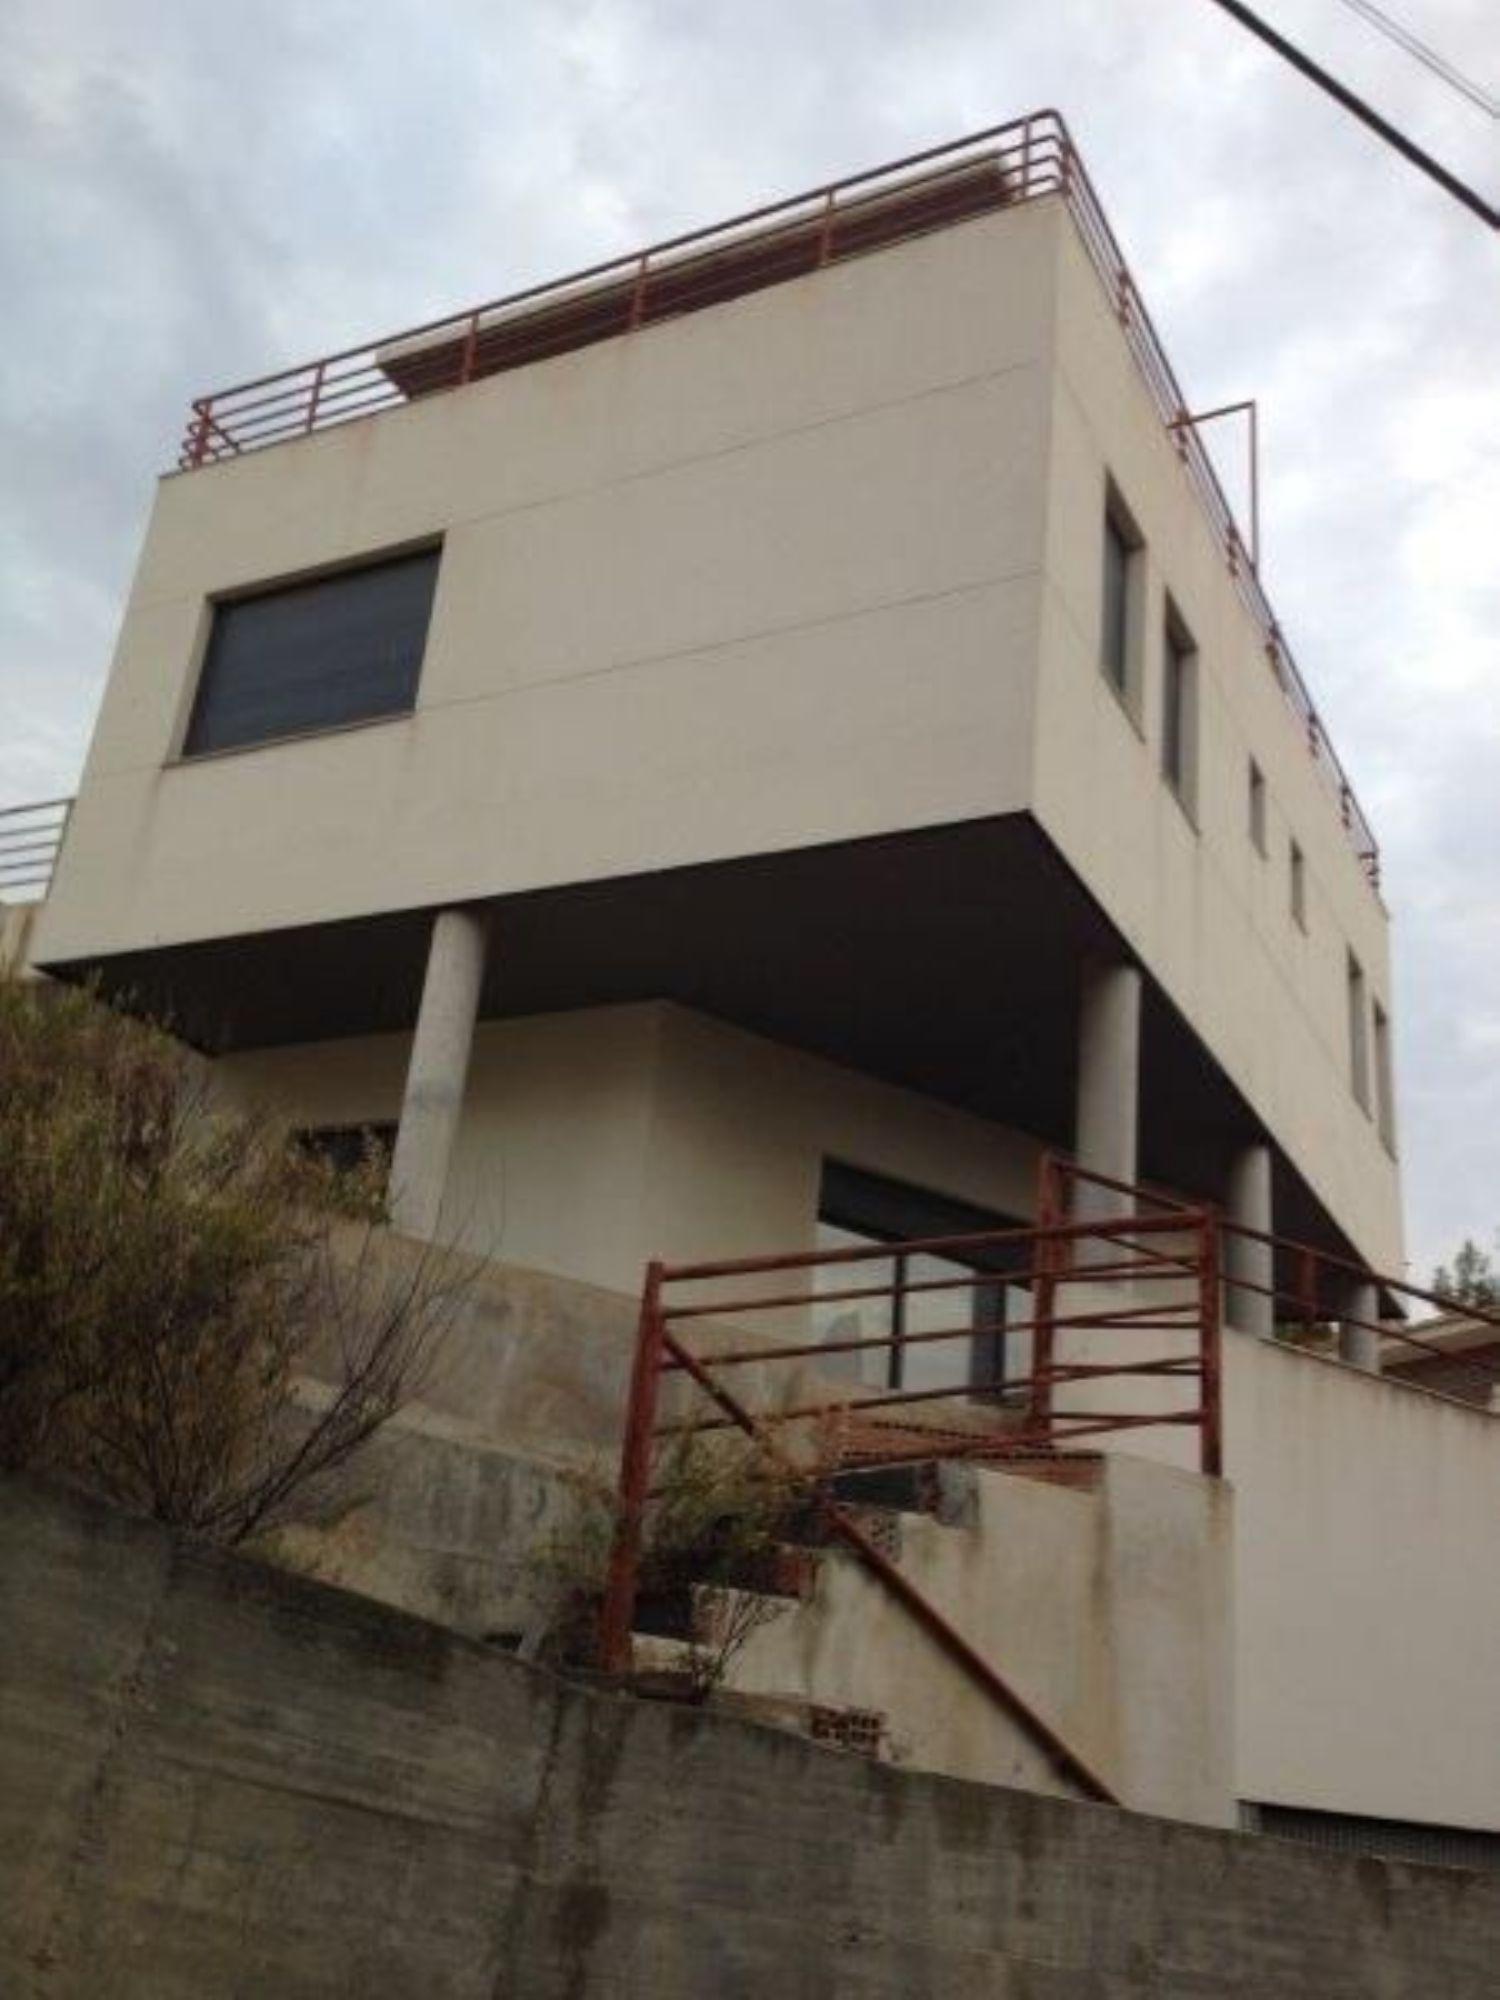 Casa / Chalet independiente En Venta Calle Olmo, Cuarte de Huerva